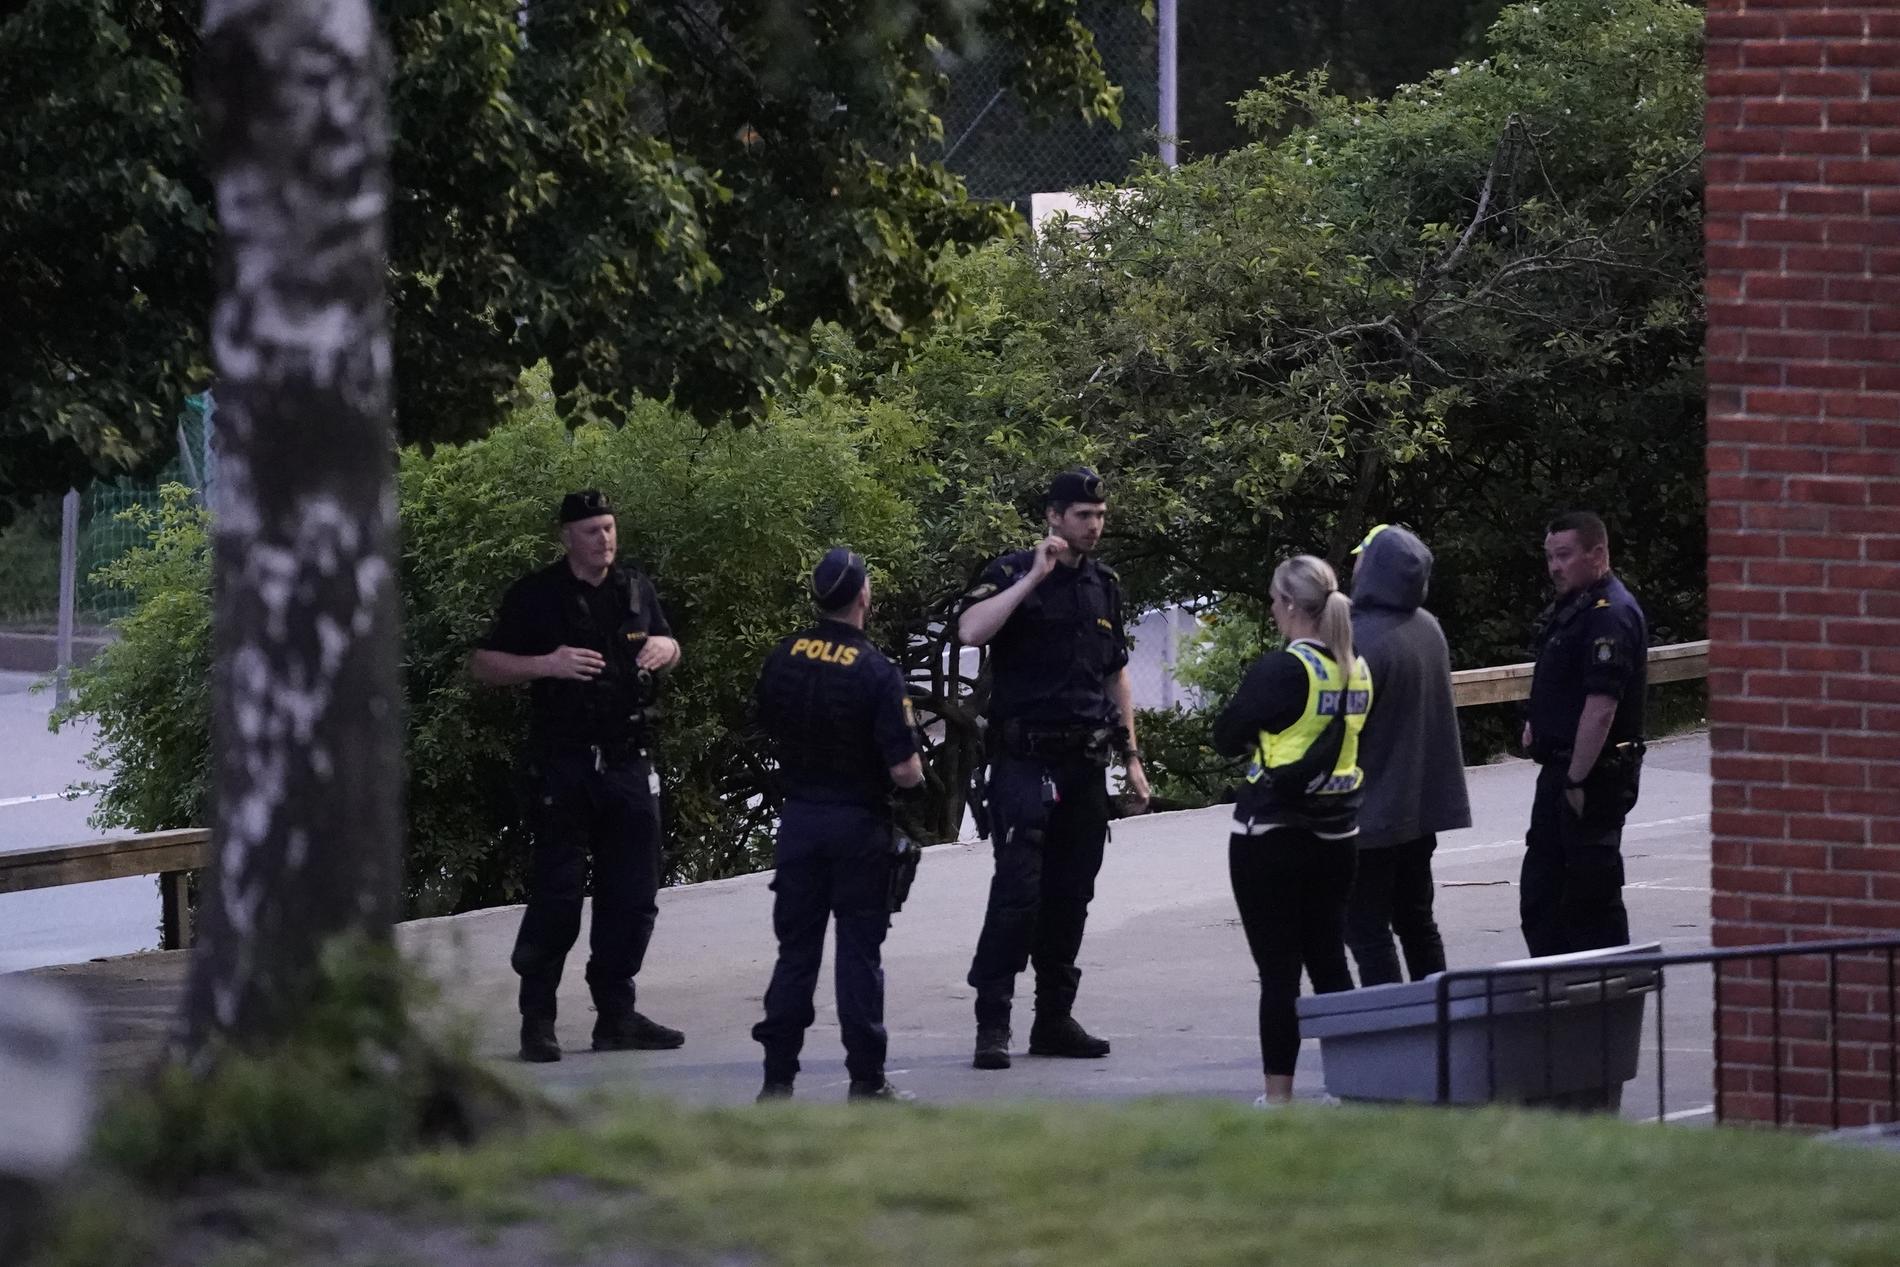 En förundersökning om försök till mord har inletts efter att en man hittats skottskadad i Göteborg.